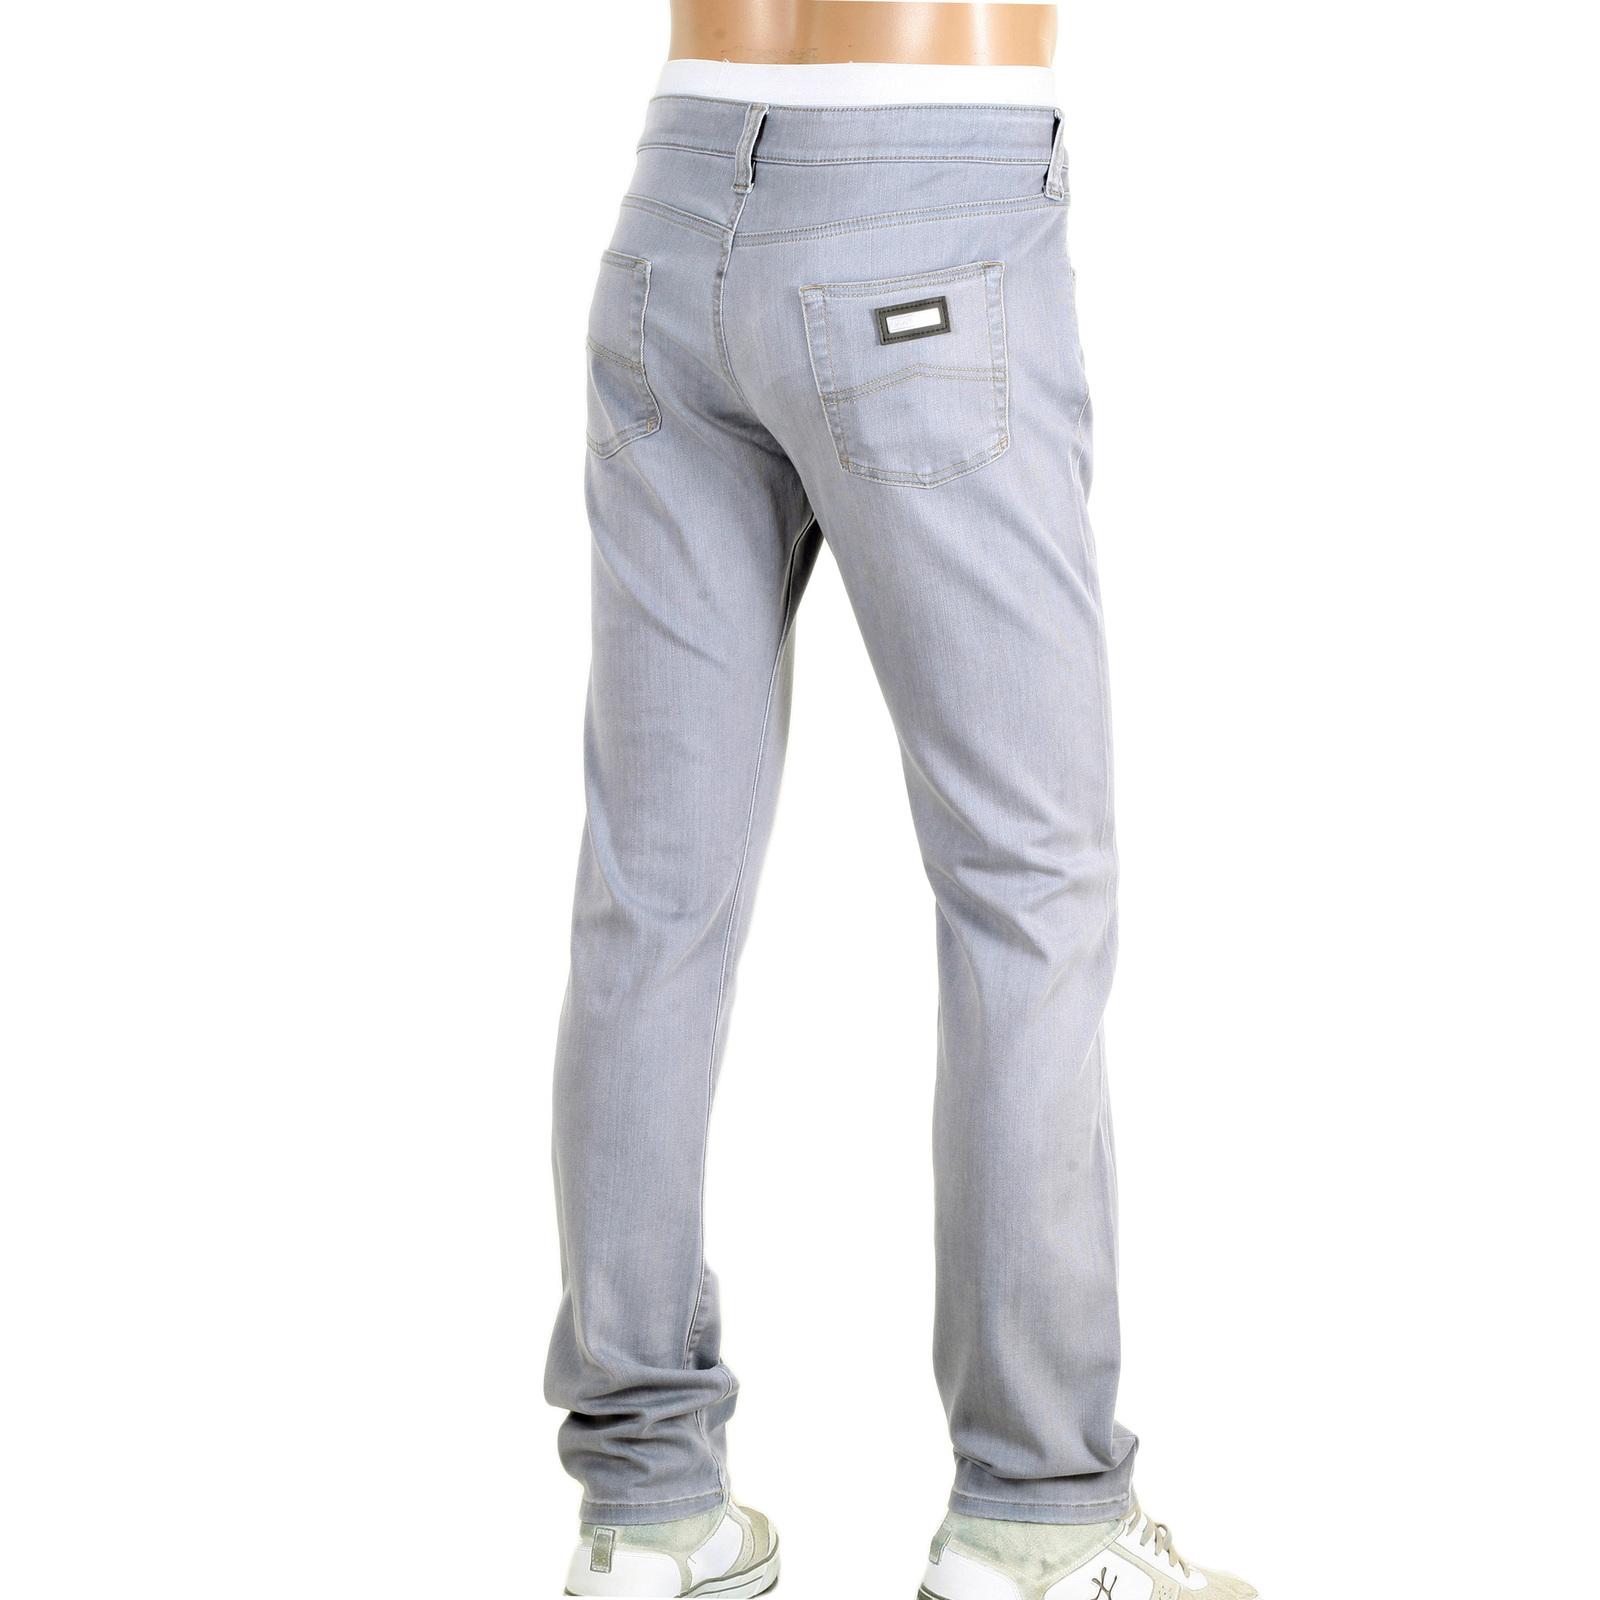 levis jeans fit guide mens